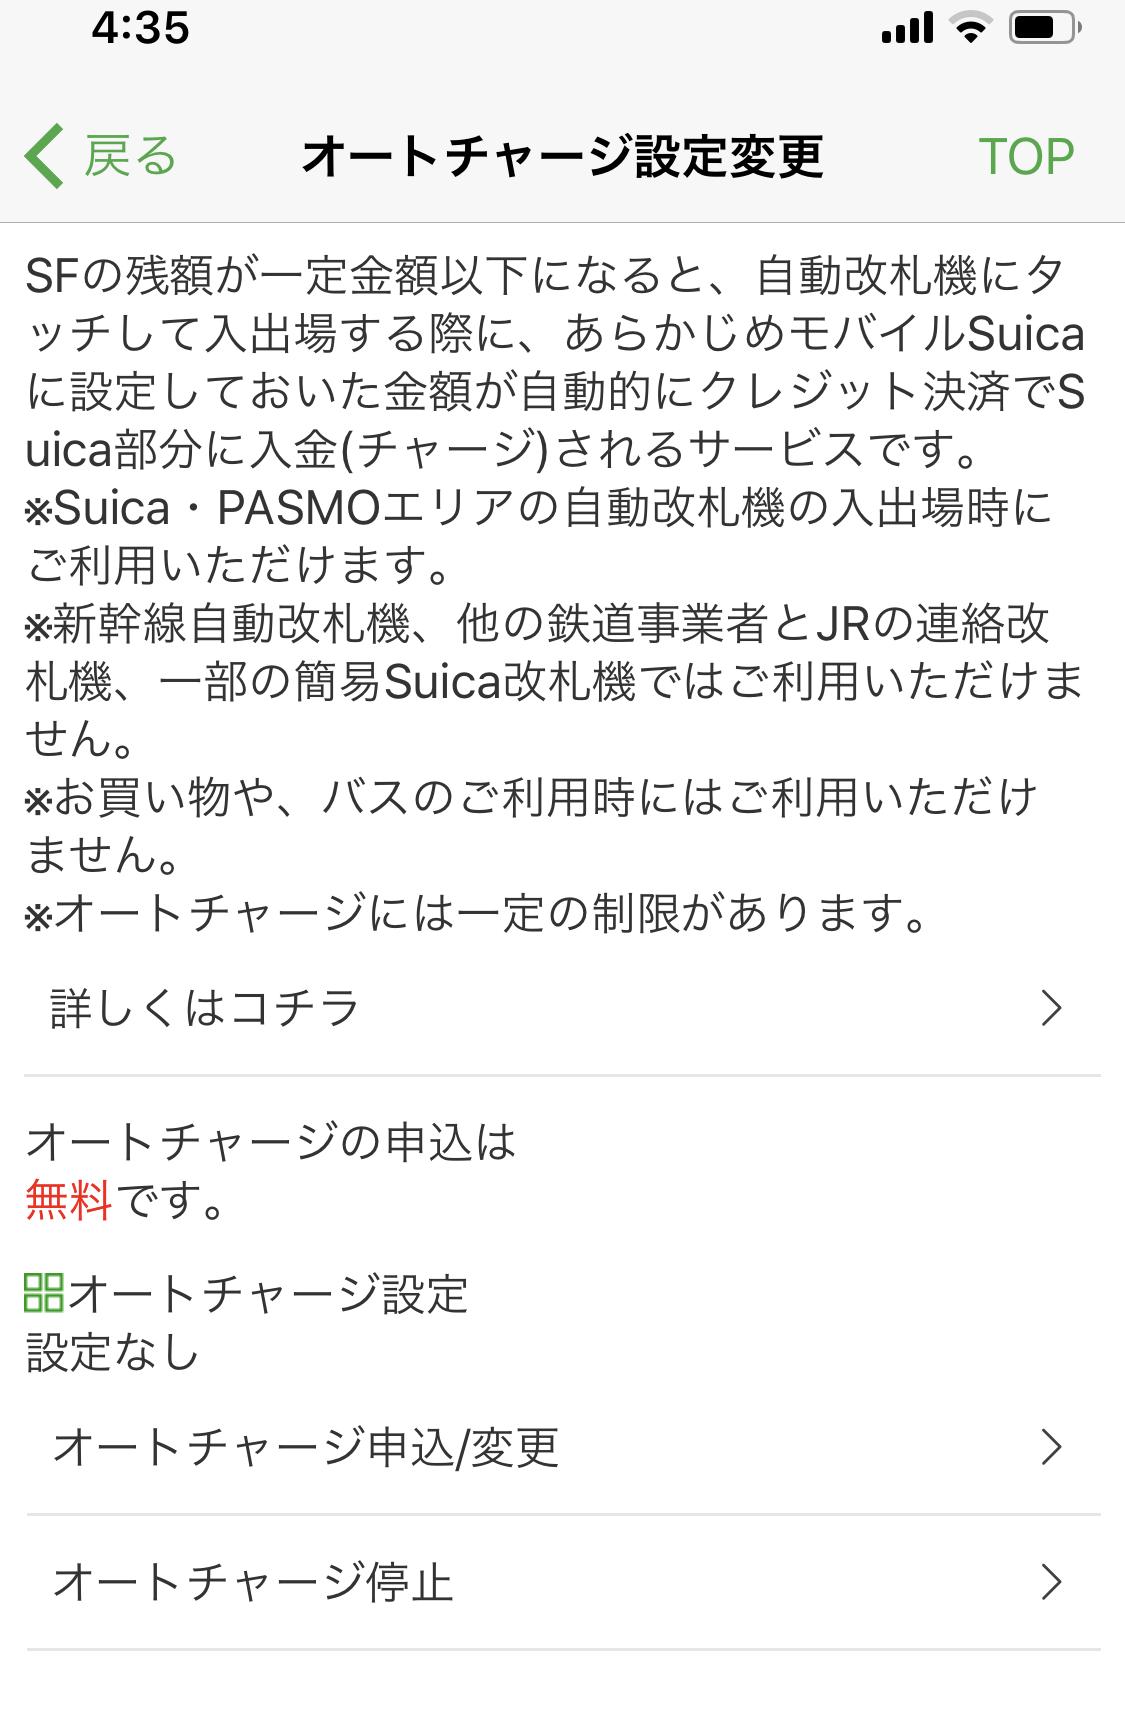 オートチャージ設定 apple watch suica